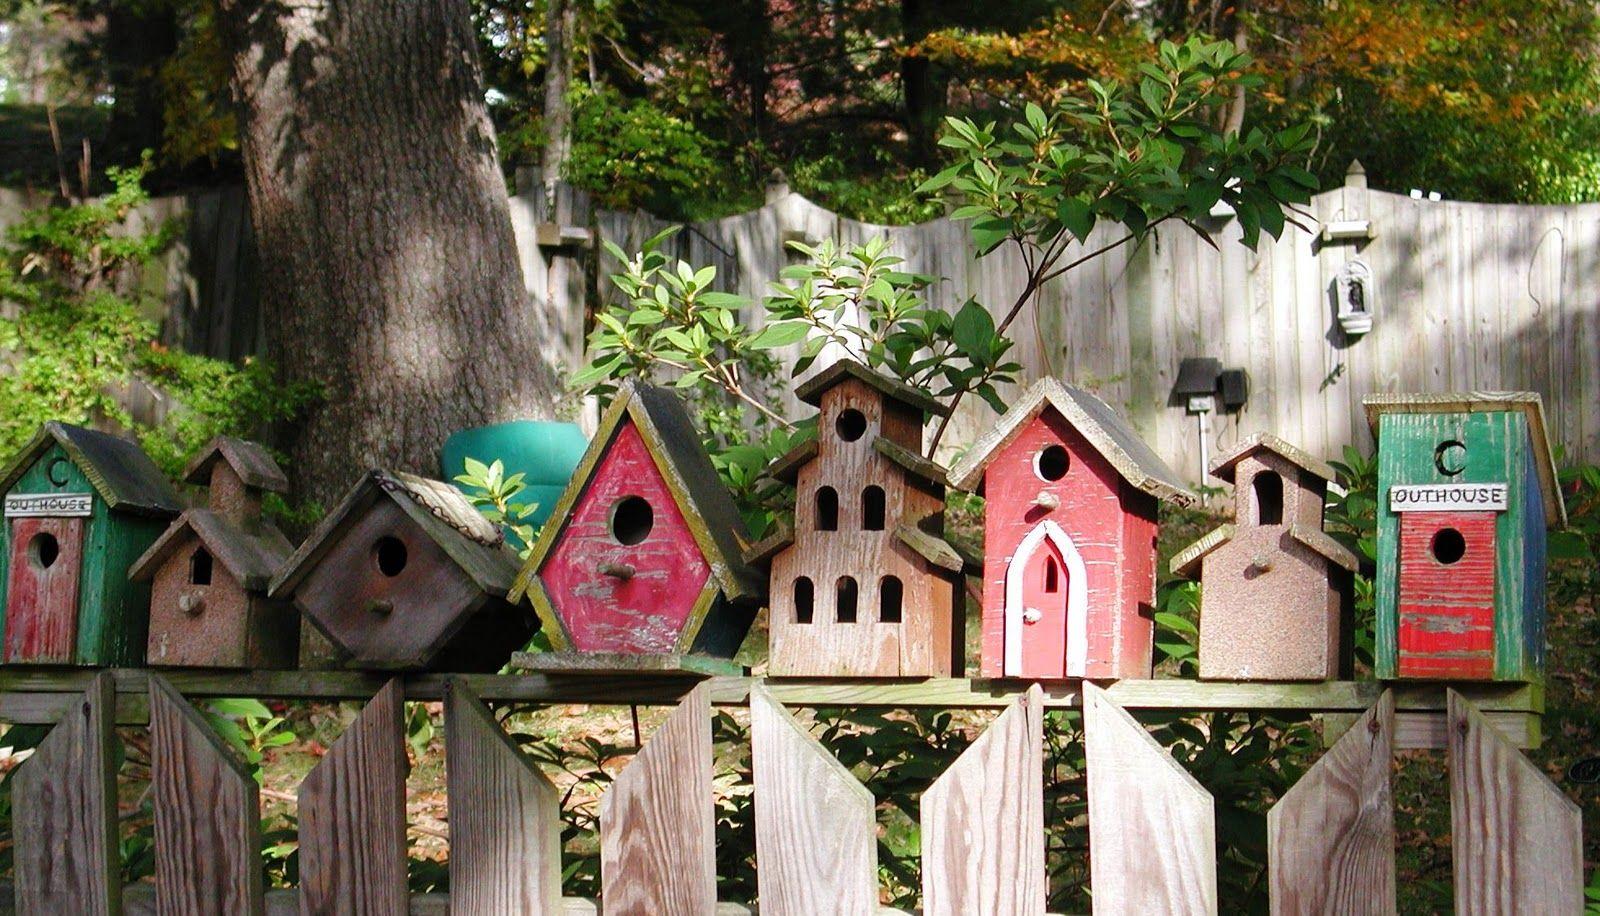 Birdhouse fence...so cute!